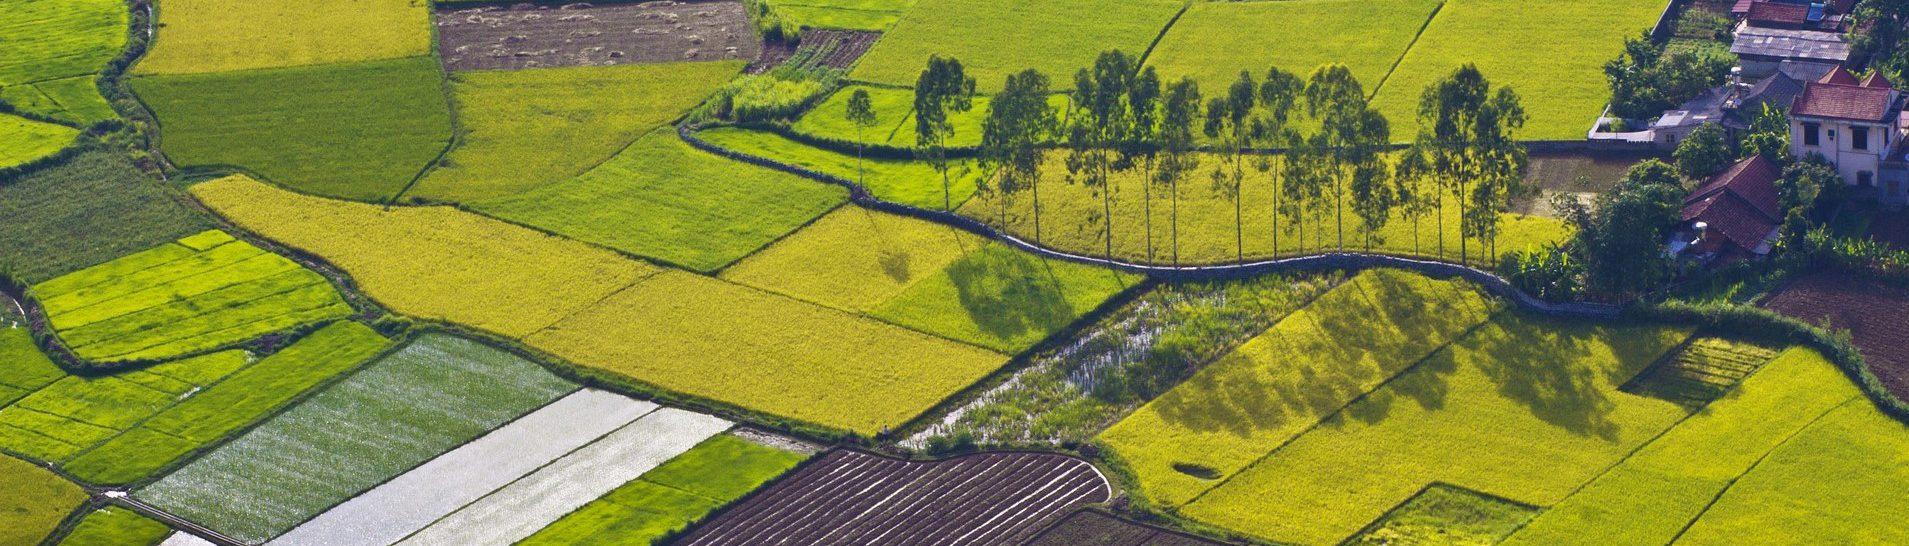 前瞻基礎建設-縣市管河川及區域排水整體改善計畫-農田排水、埤塘、圳路改善